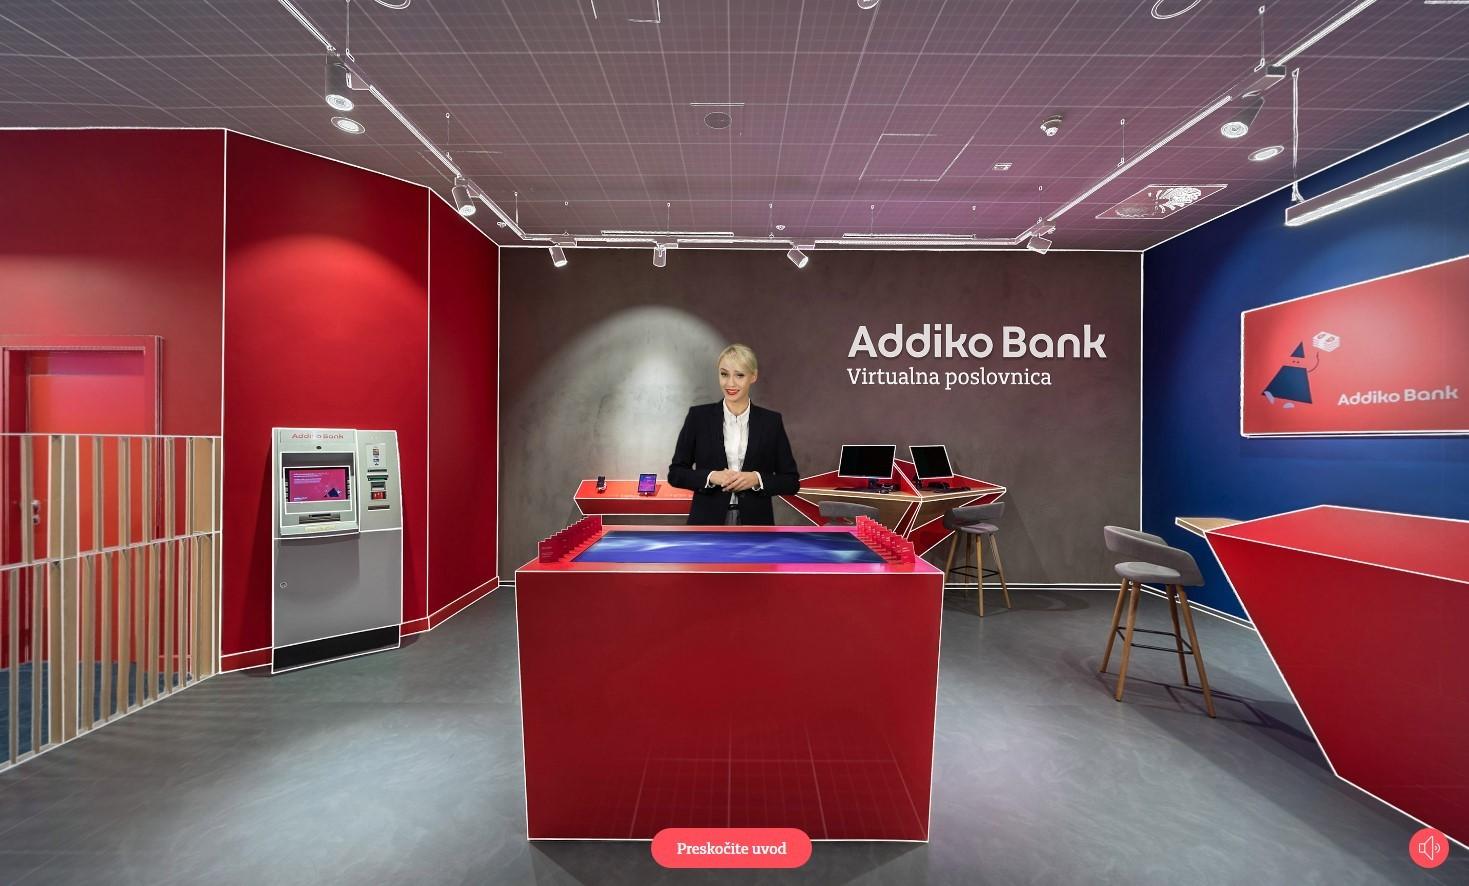 Predstavljena Addiko Virtualna Poslovnica U Kojoj Se Moze Otvoriti Tekuci Racun I Ugovoriti Kredit Biznis Bug Hr